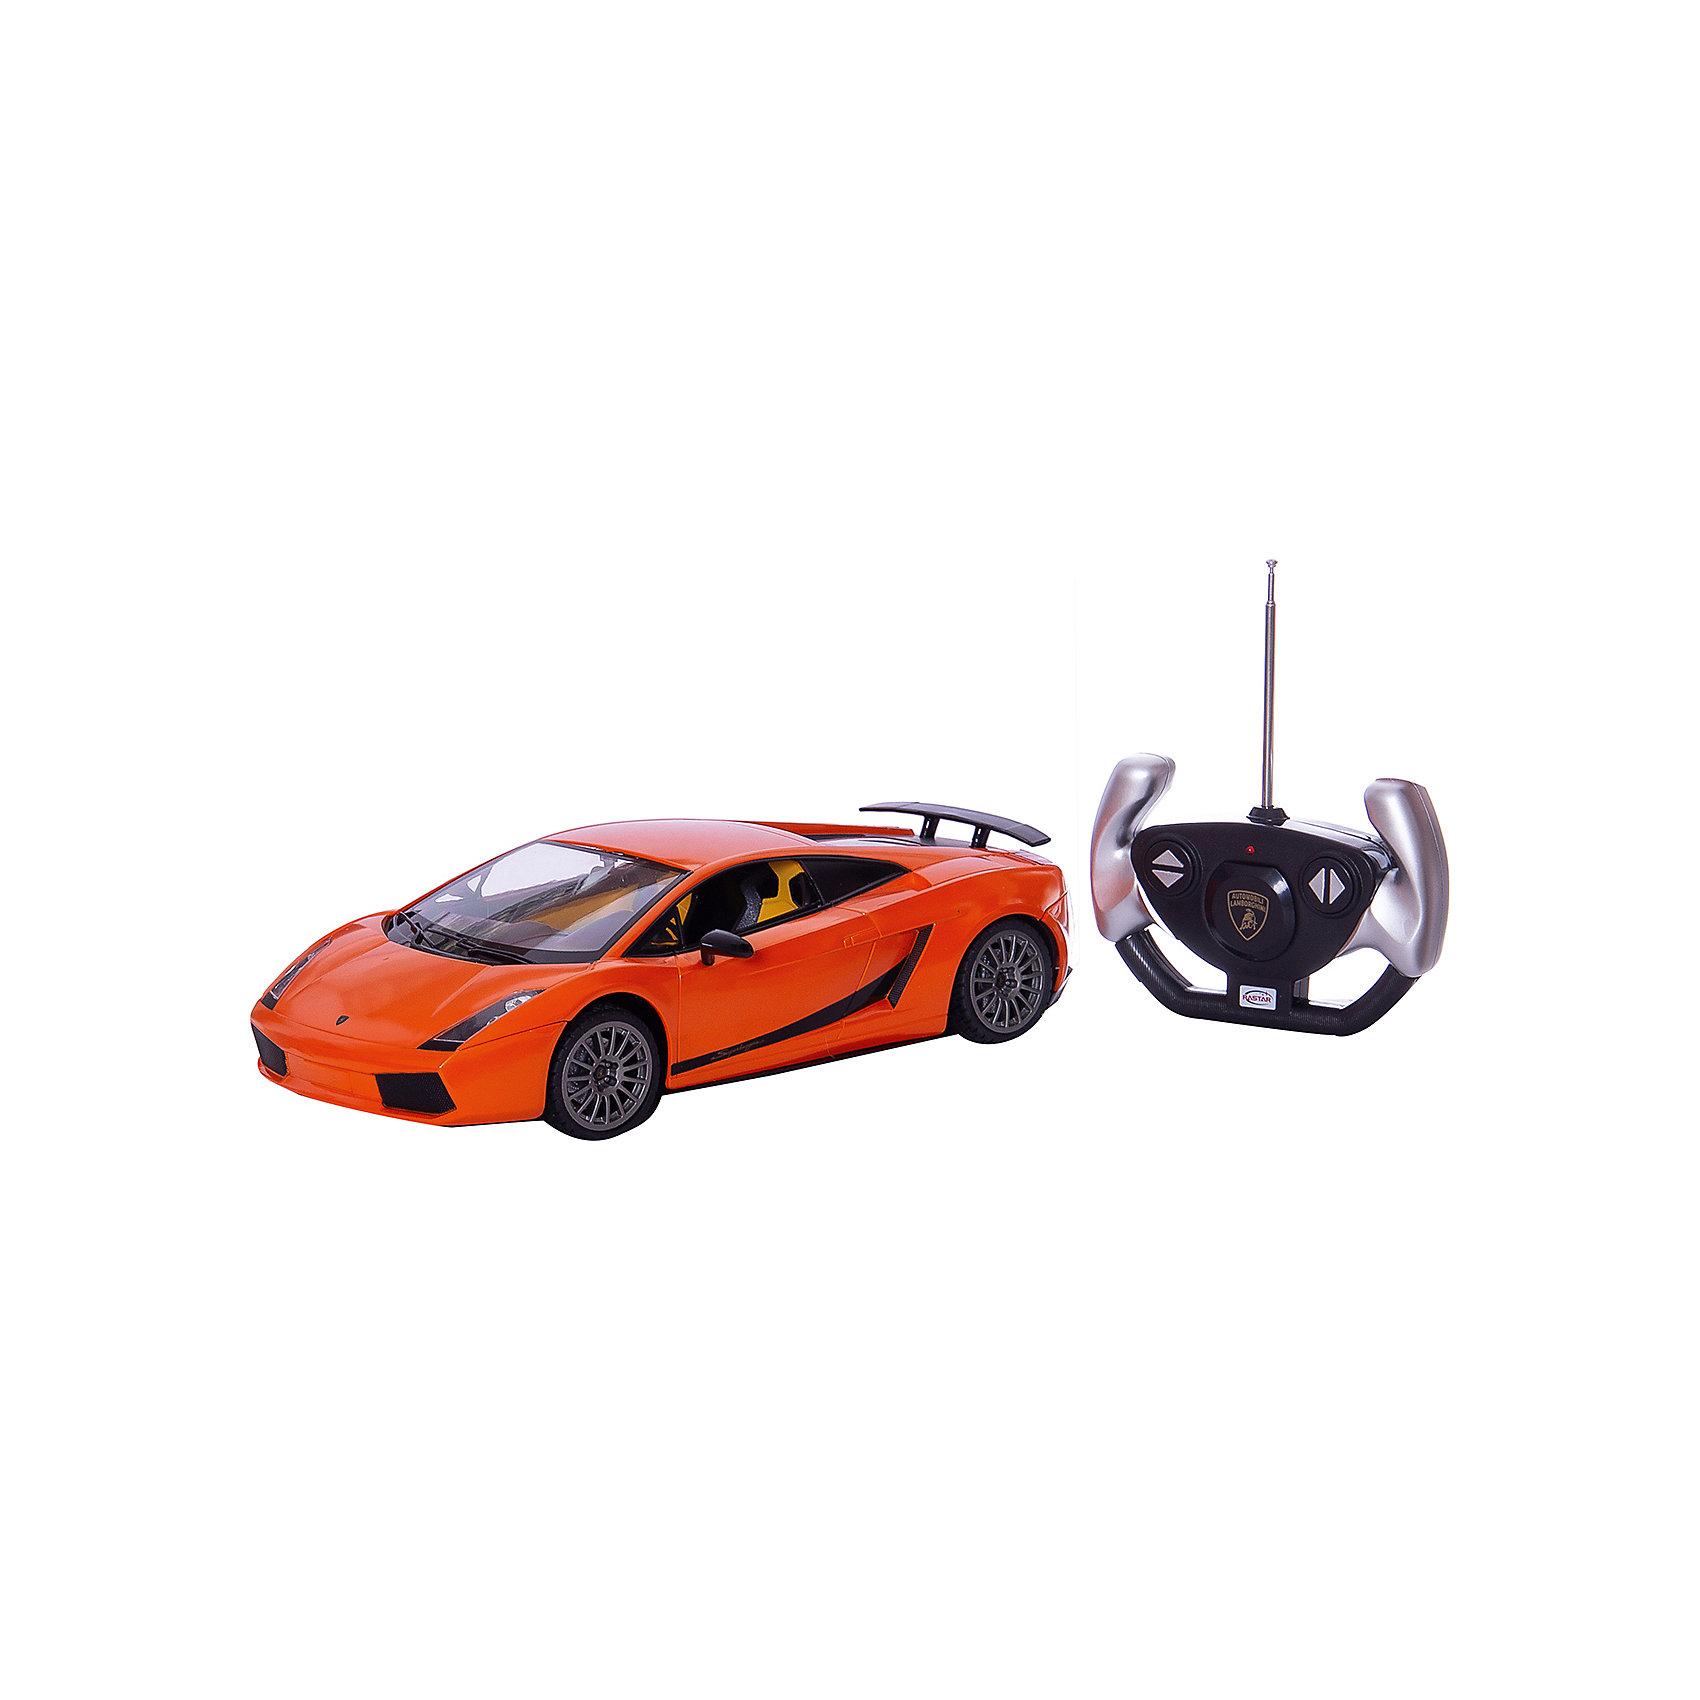 RASTAR Радиоуправляемая машина Lamborghini 1:14, оранжеваяRASTAR Радиоуправляемая машина Lamborghini 1:14 - игрушка, которая наверняка приведет в восторг юного любителя  взрослых автомобилей: эта радиоуправляемая машина - уменьшенная копия настоящего Lamborghini! <br><br>Модель выполнена в масштабе 1: 14.<br><br>Особенности игрушки:<br><br>- Работает на частоте: 27MHz; <br>- Движение вперед, назад, вправо, влево; <br>- Контроль управления: 15 - 45 метров; <br>- Развивает скорость до: 7 км/ч; <br>- Светятся фары. <br><br><br>Дополнительная информация:<br><br><br>- Для работы требуются батарейки: 5 Х АА, 6F/22<br>(не входят в комплект).<br>- Материалы: пластмасса, металл.<br>- Размер: 30,7 х 13,6 х 8,5 см.<br>- Размер упаковки: 43 х 22,5 х 17,5 см.<br>- Вес: 1,16 кг.<br><br>Ширина мм: 175<br>Глубина мм: 430<br>Высота мм: 225<br>Вес г: 1160<br>Возраст от месяцев: 72<br>Возраст до месяцев: 144<br>Пол: Мужской<br>Возраст: Детский<br>SKU: 4833563